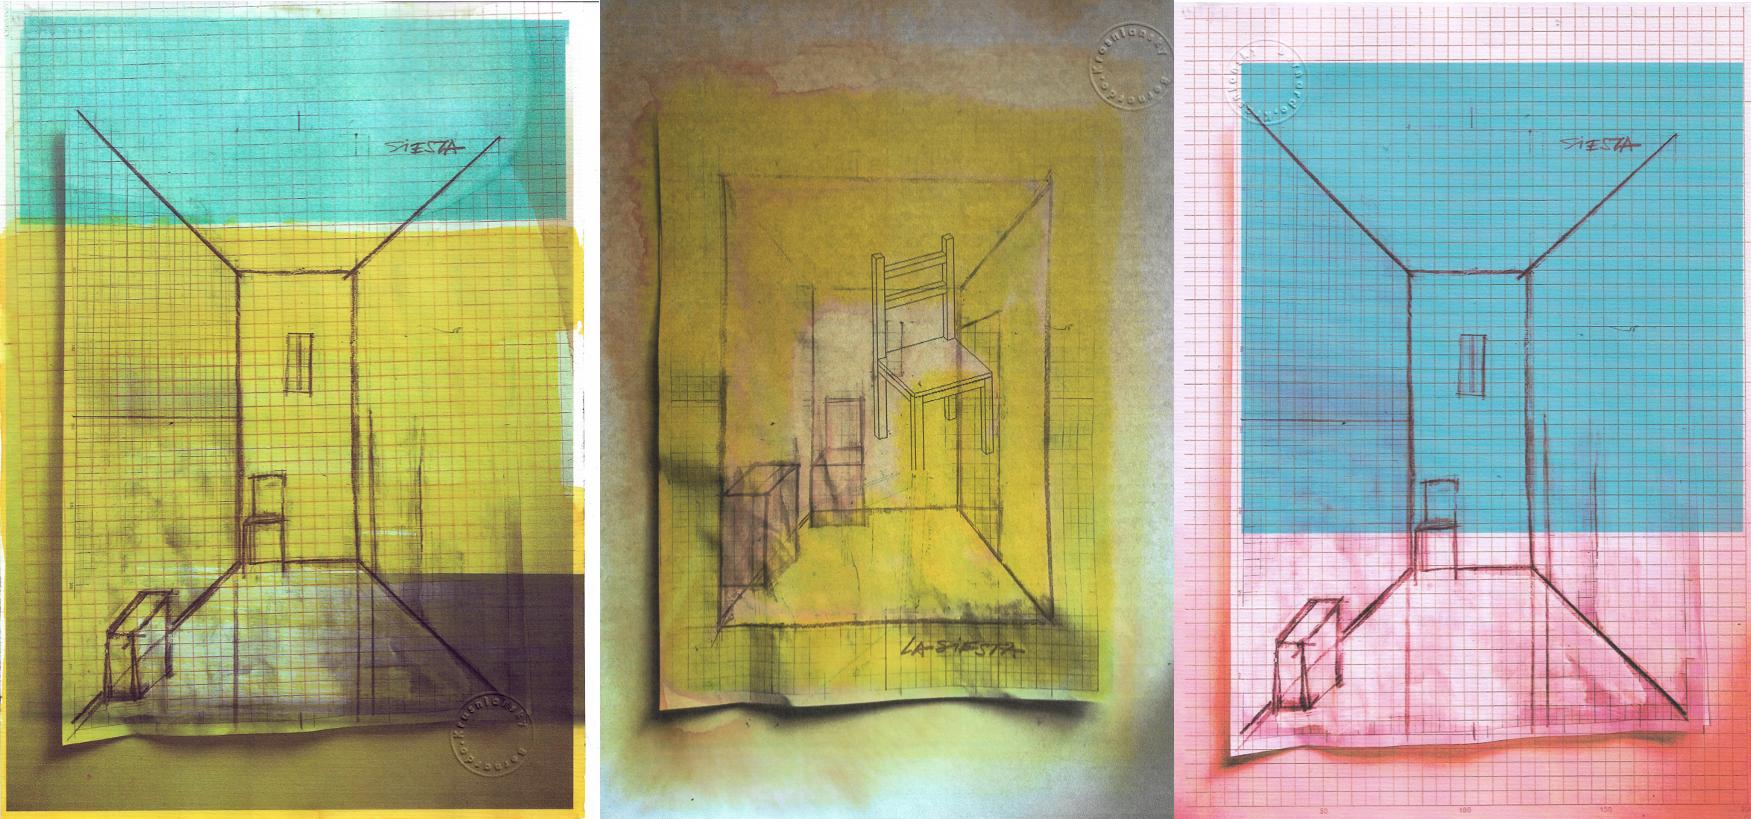 Bocetos de Bernardo Krasniansky para su instalación La siesta. Colección Félix Toranzos